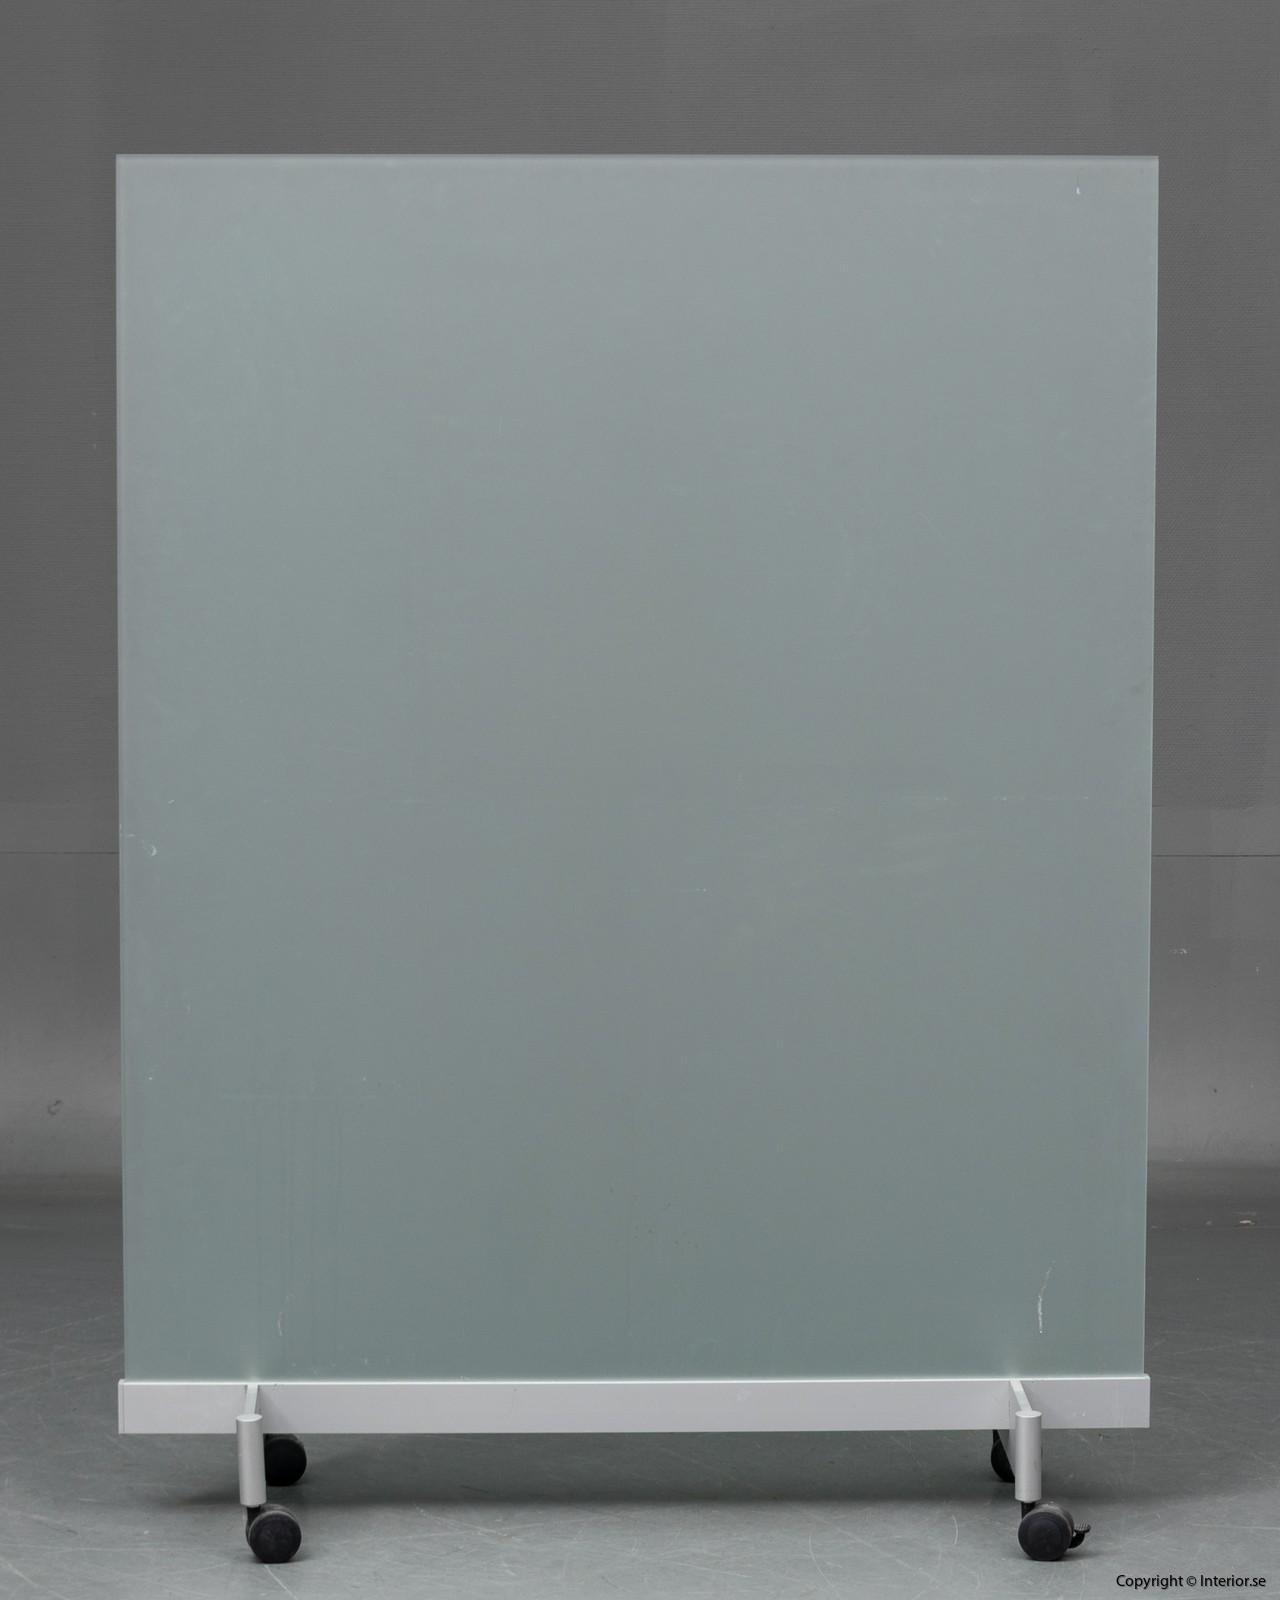 BORKS, flyttbara golvskärmväggar rumsavdelare glas och med hjul BORKS, Room Divider Space Divider with glass and casters 6